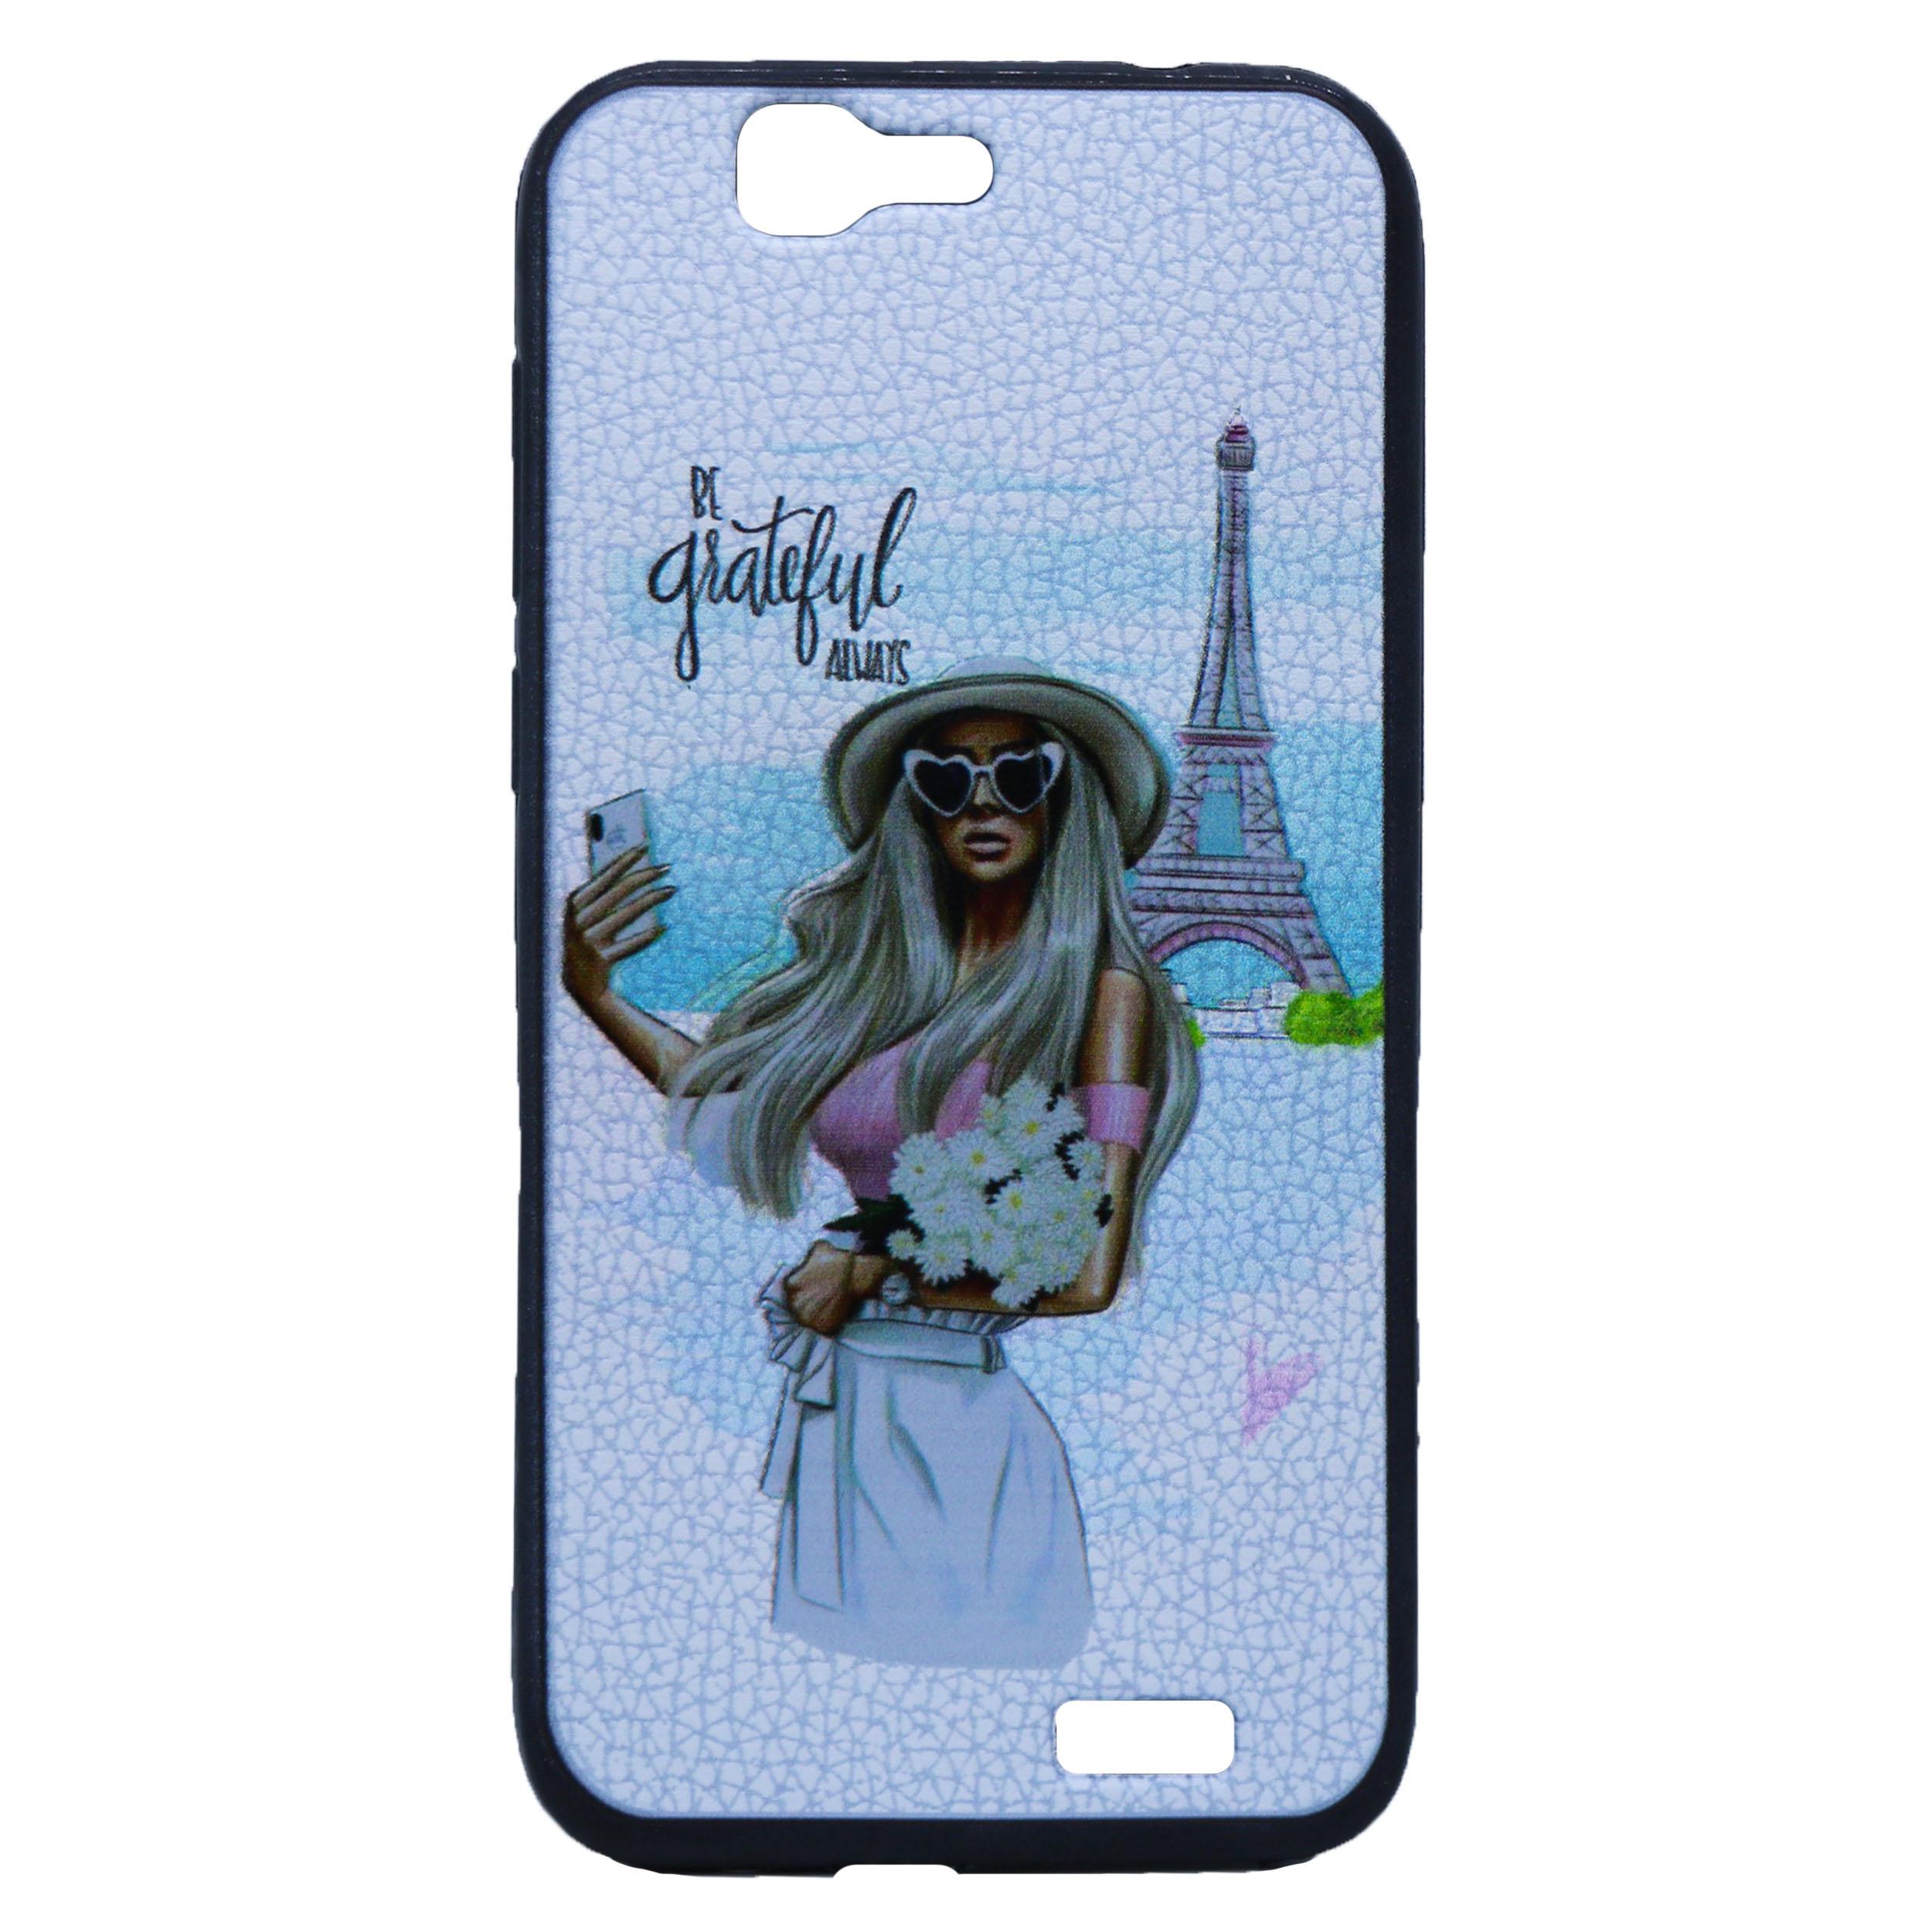 کاور طرح Girl & Cell مدل T-01 مناسب برای گوشی موبایل هوآوی G7 thumb 2 1